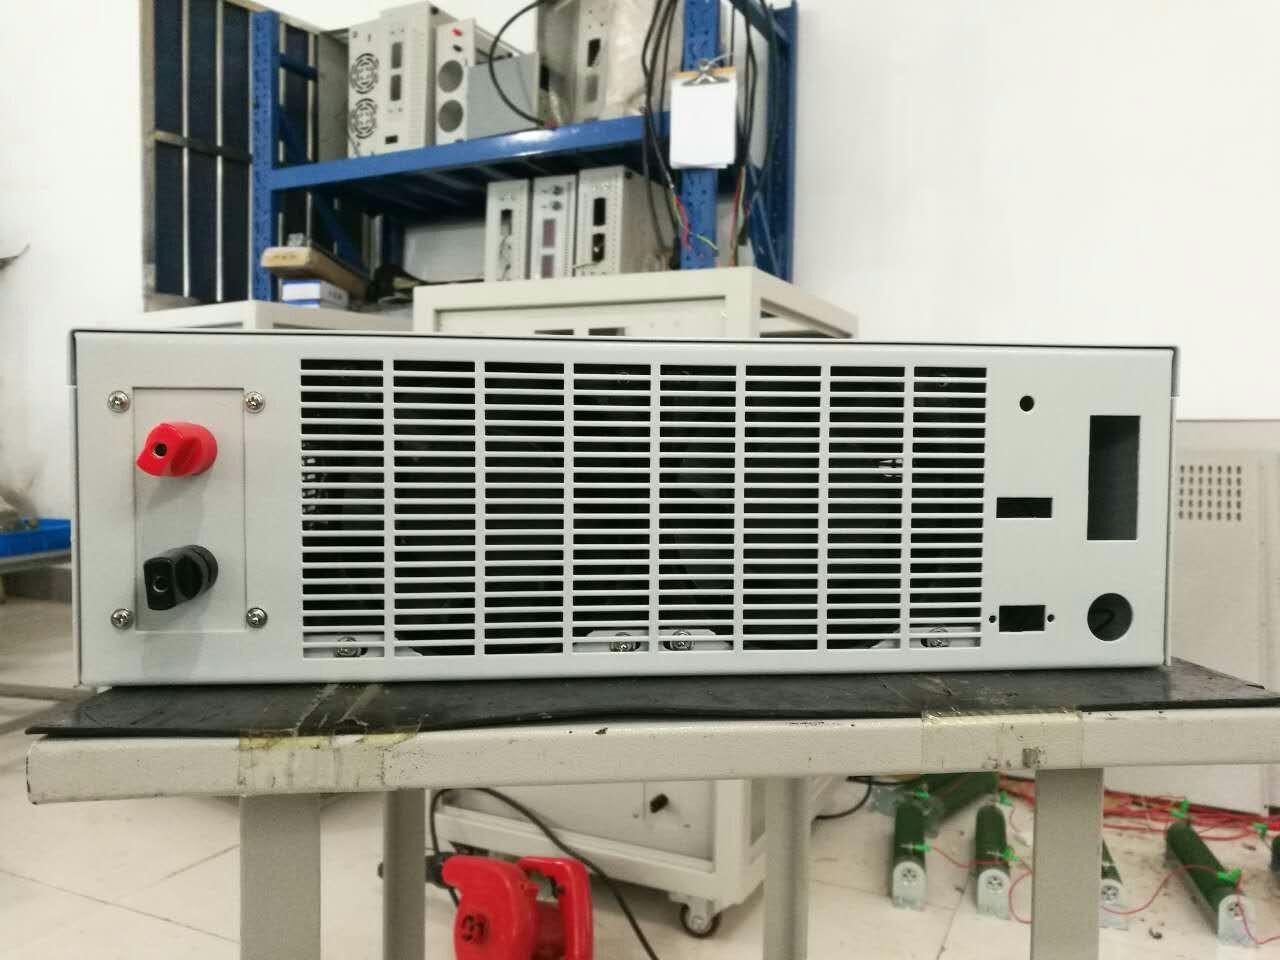 安耐斯JP500150D可调直流电源0-500V150A直流